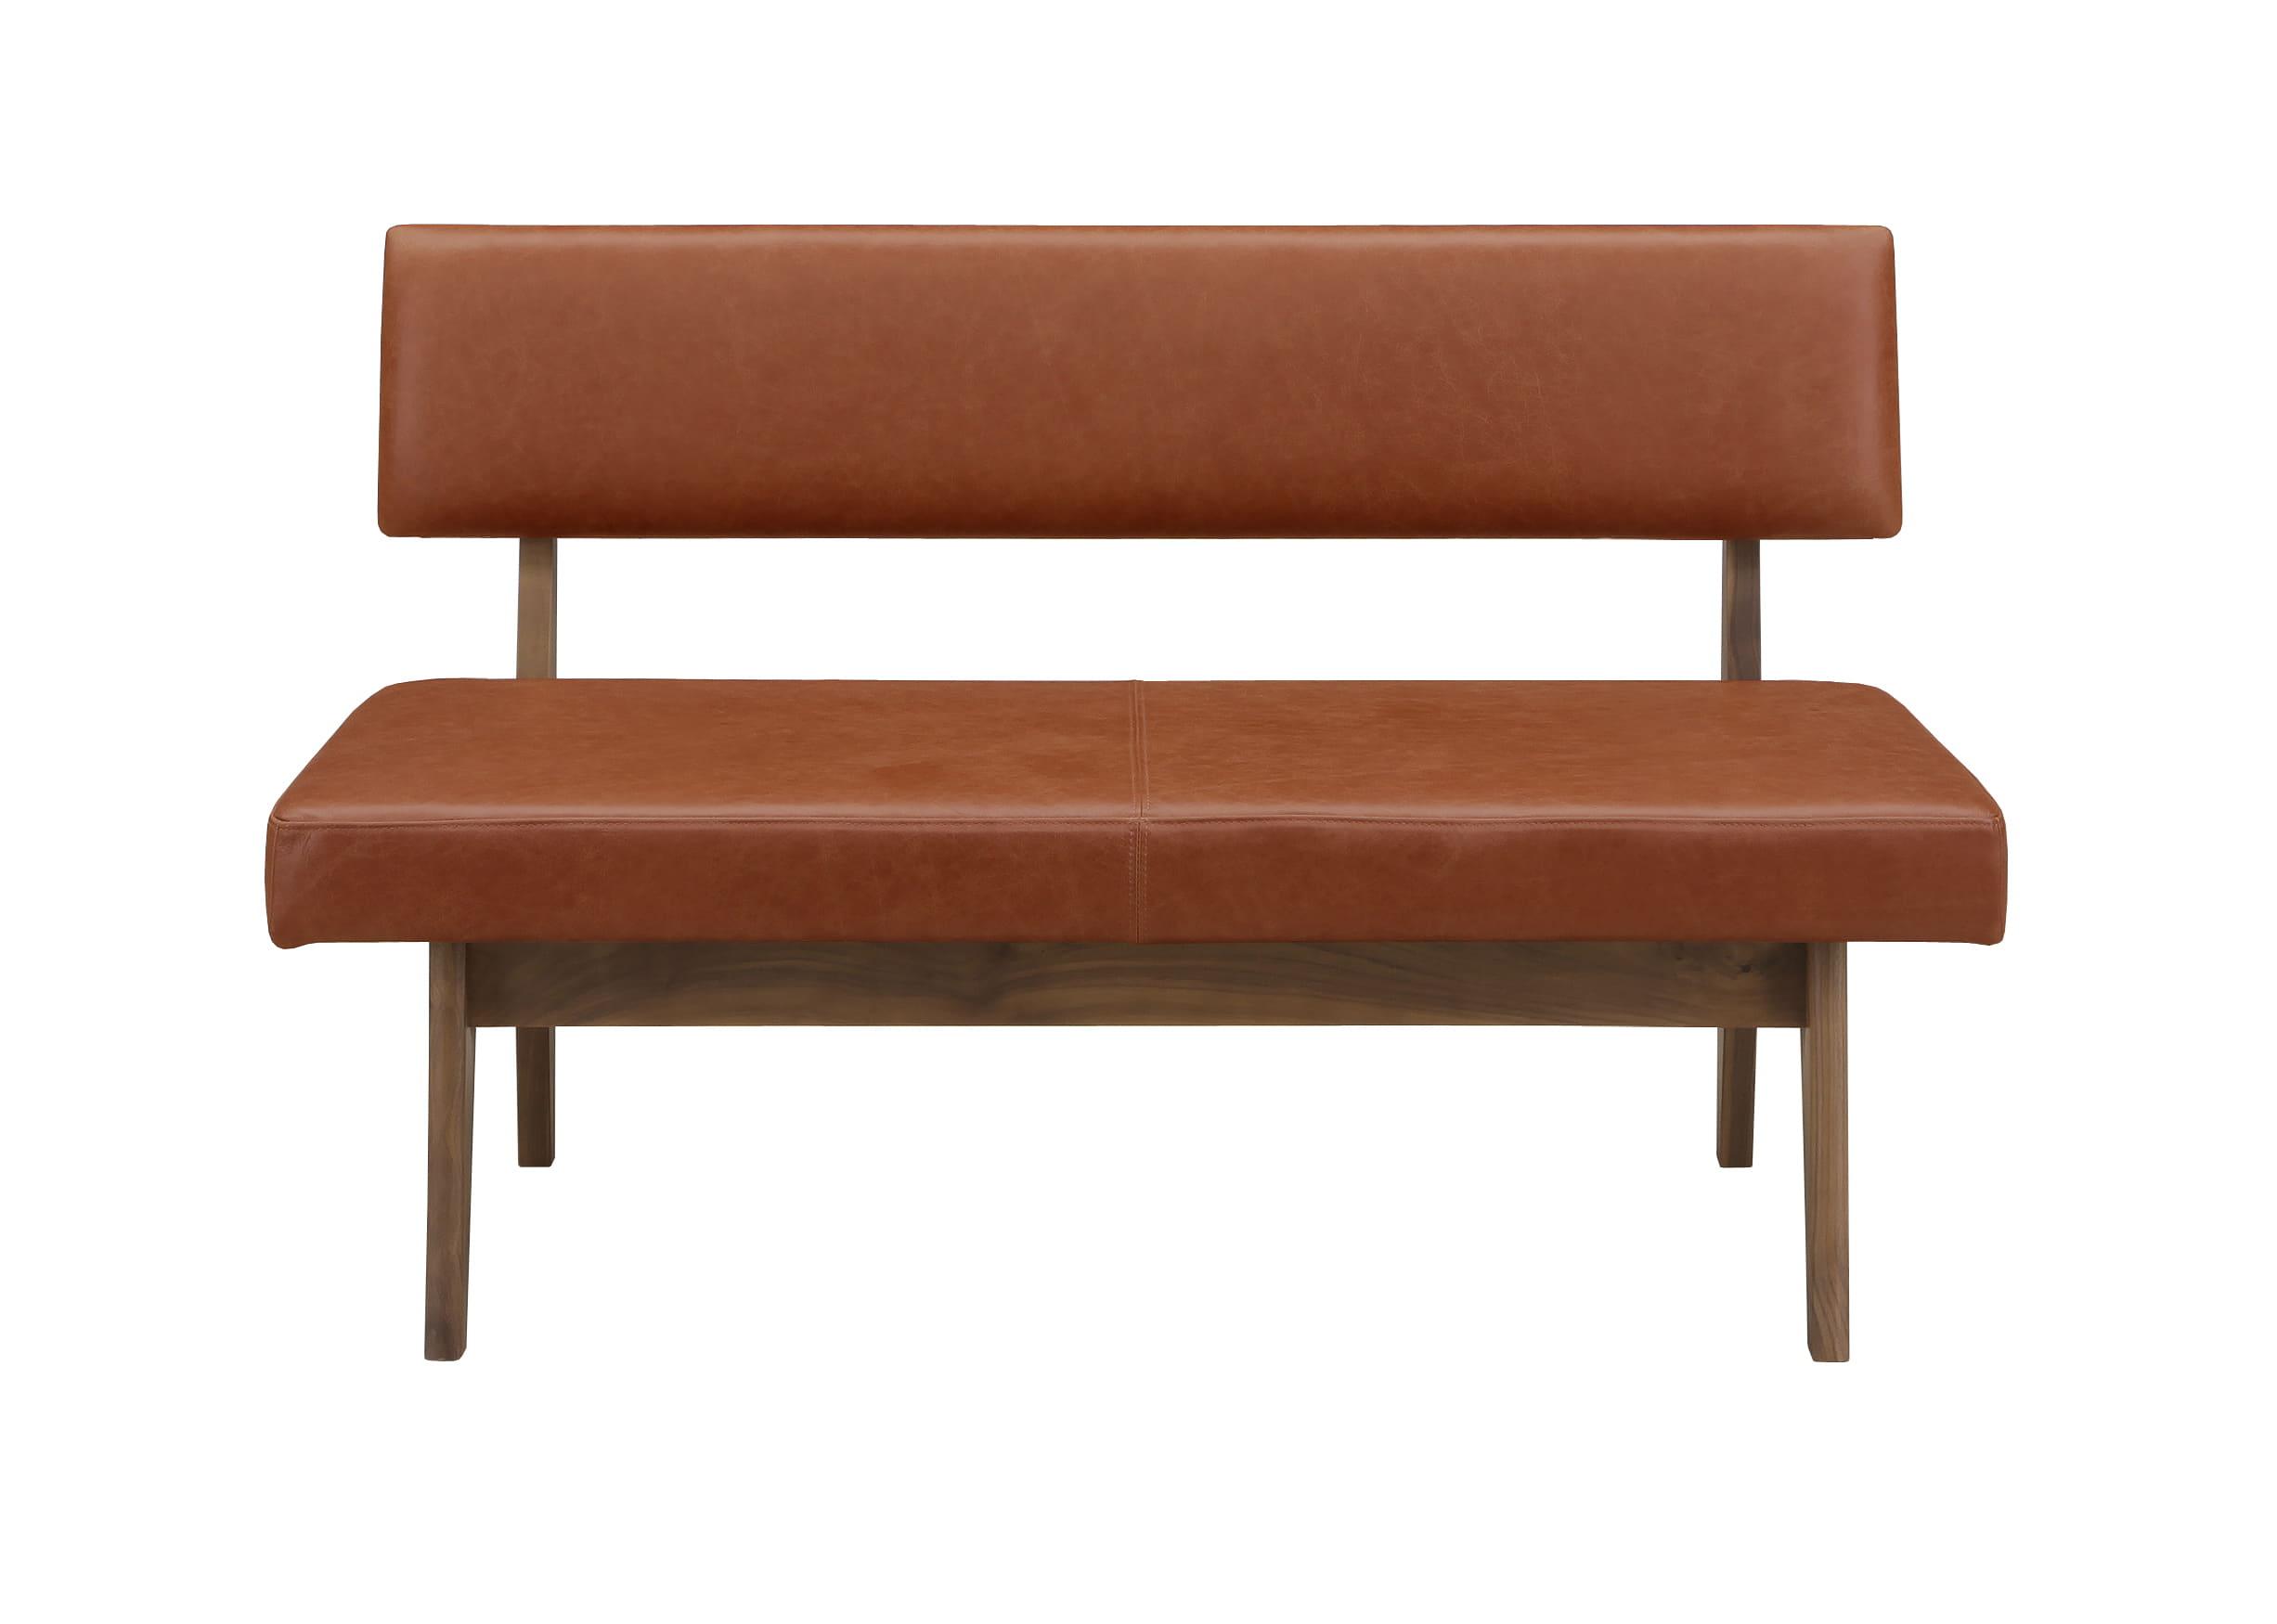 ダイニングベンチ ウォールライフWB−001背付(BR革):すべての木部にウォールナット無垢材を使用したウォールライフシリーズ